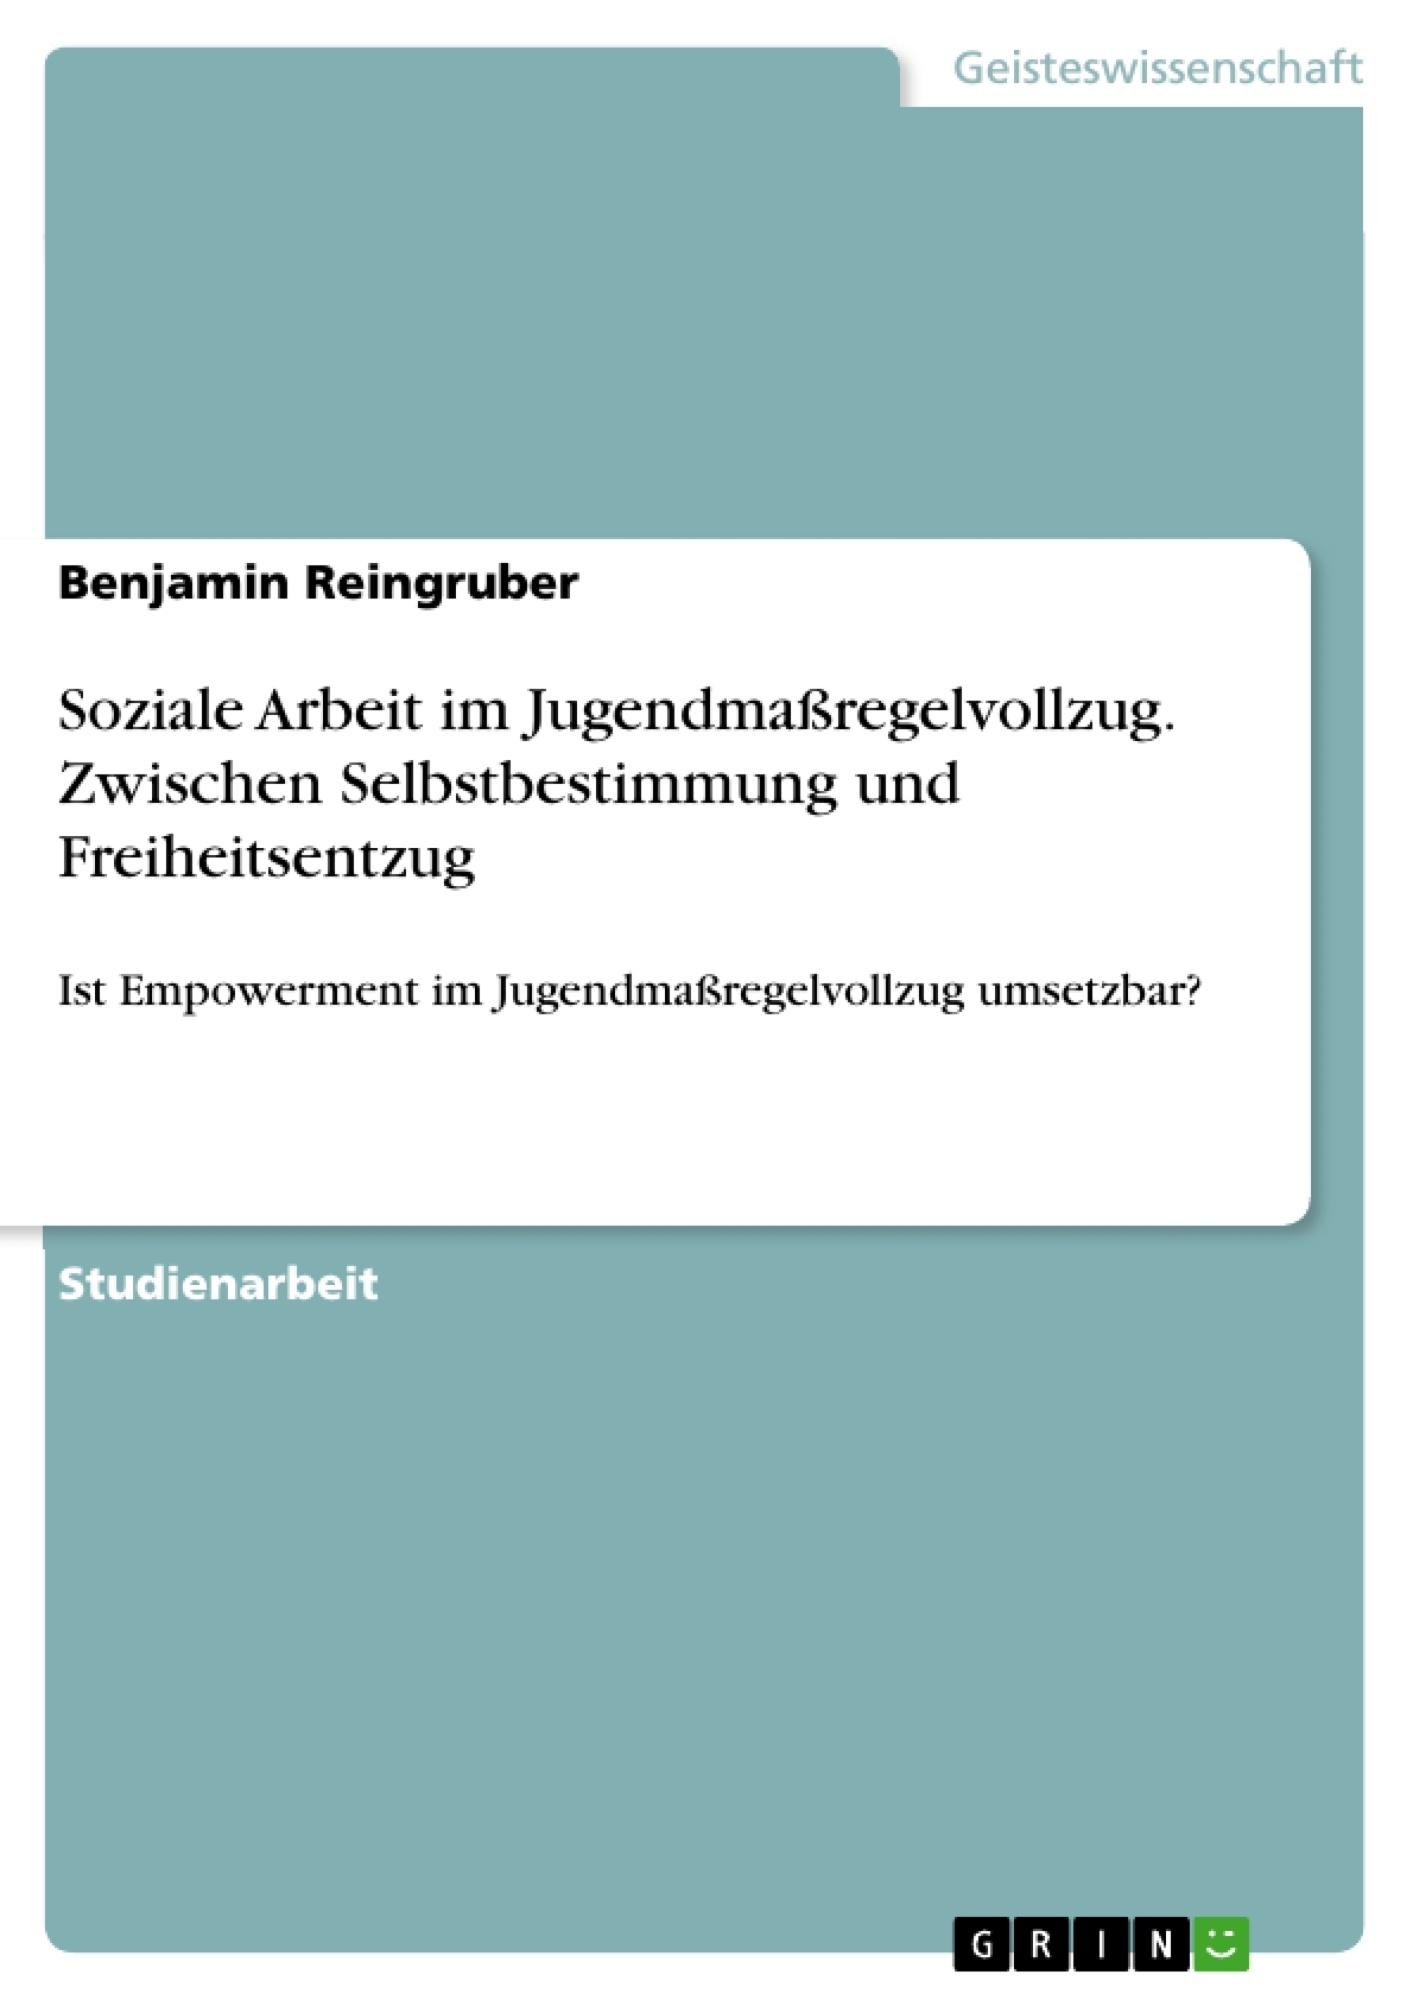 Titel: Soziale Arbeit im Jugendmaßregelvollzug. Zwischen Selbstbestimmung und Freiheitsentzug